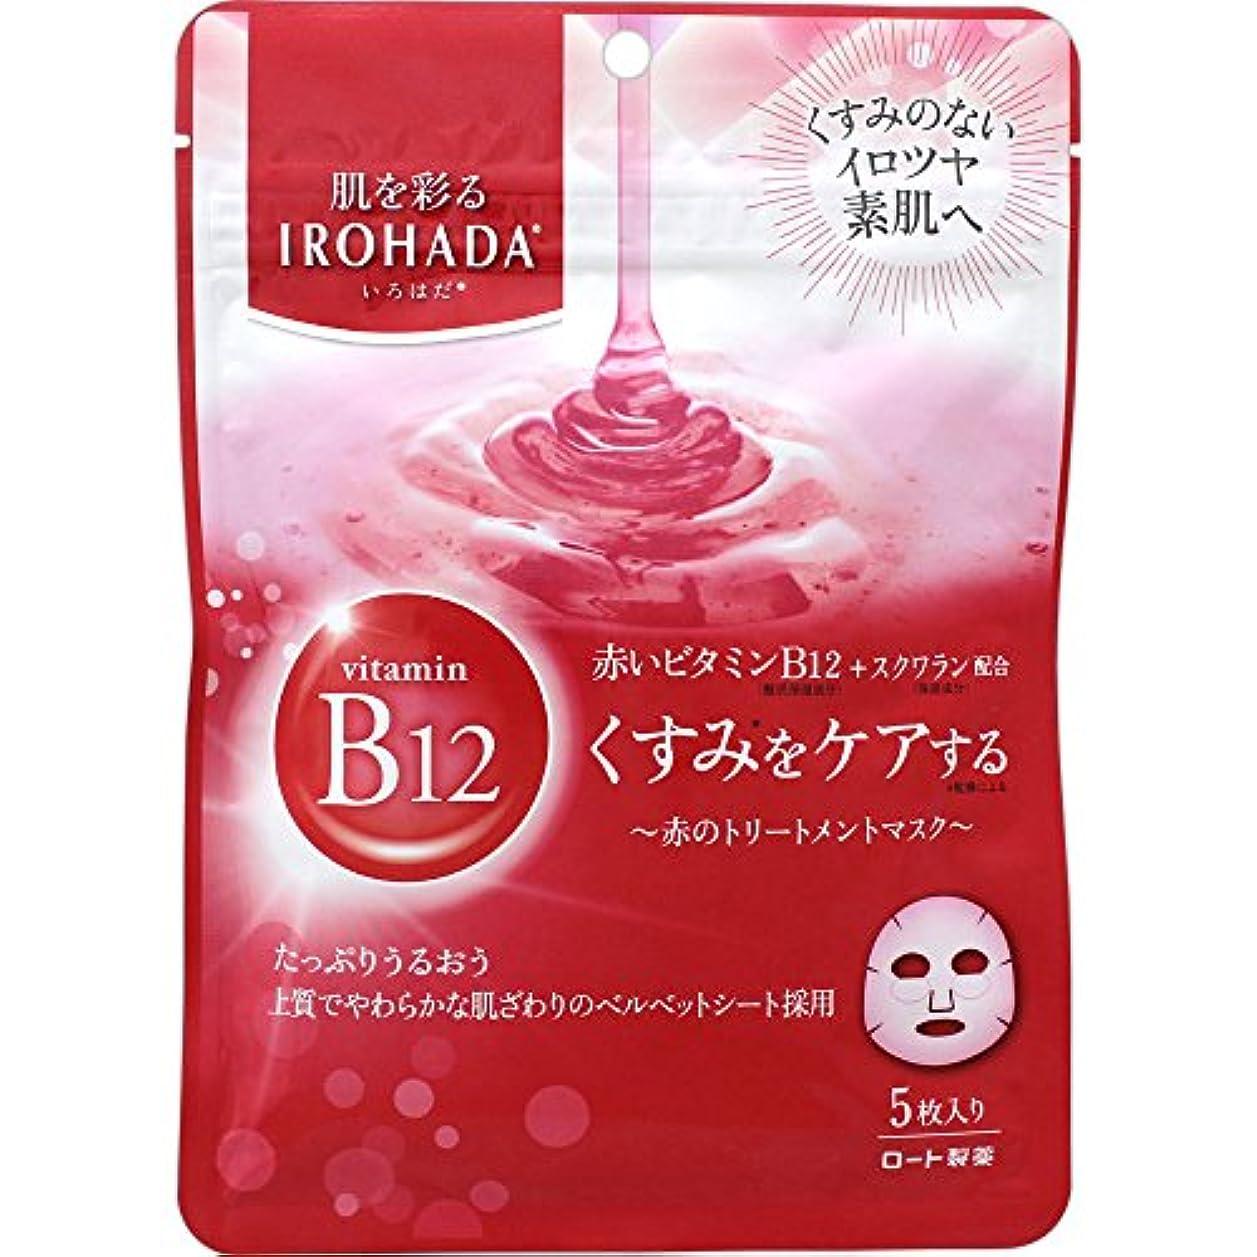 蘇生する超越する辛いロート製薬 いろはだ (IROHADA) 赤いビタミンB12×スクワラン配合 トリートメントマスク 5枚入り